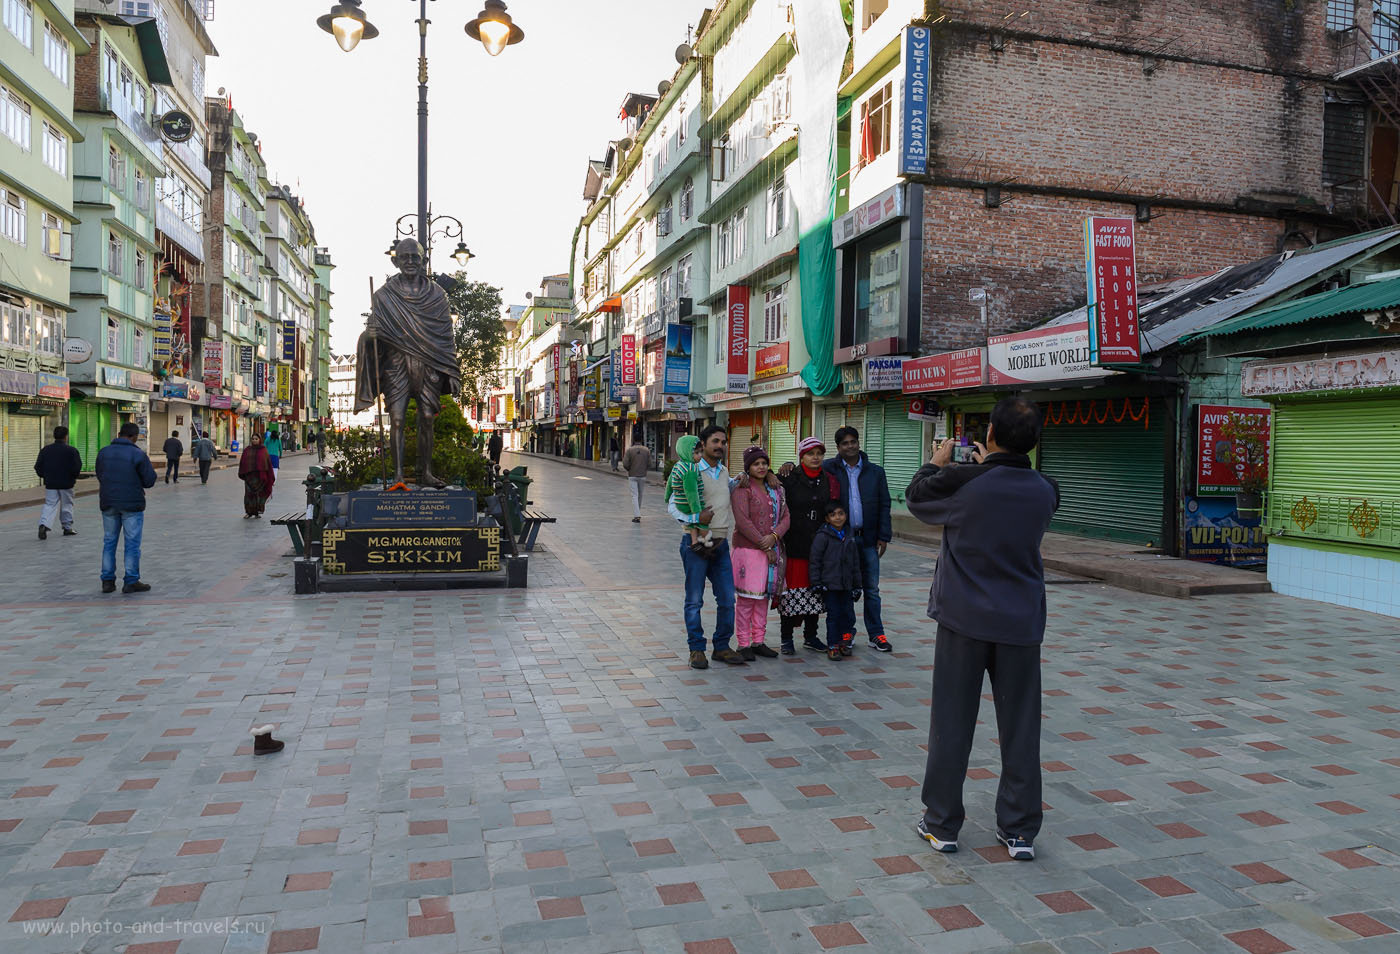 Фотография 3. Монумент Mahatma Gandhi в Гангтоке. Поездка в Сикким самостоятельно. 10.0, 1/50, 640, 26.